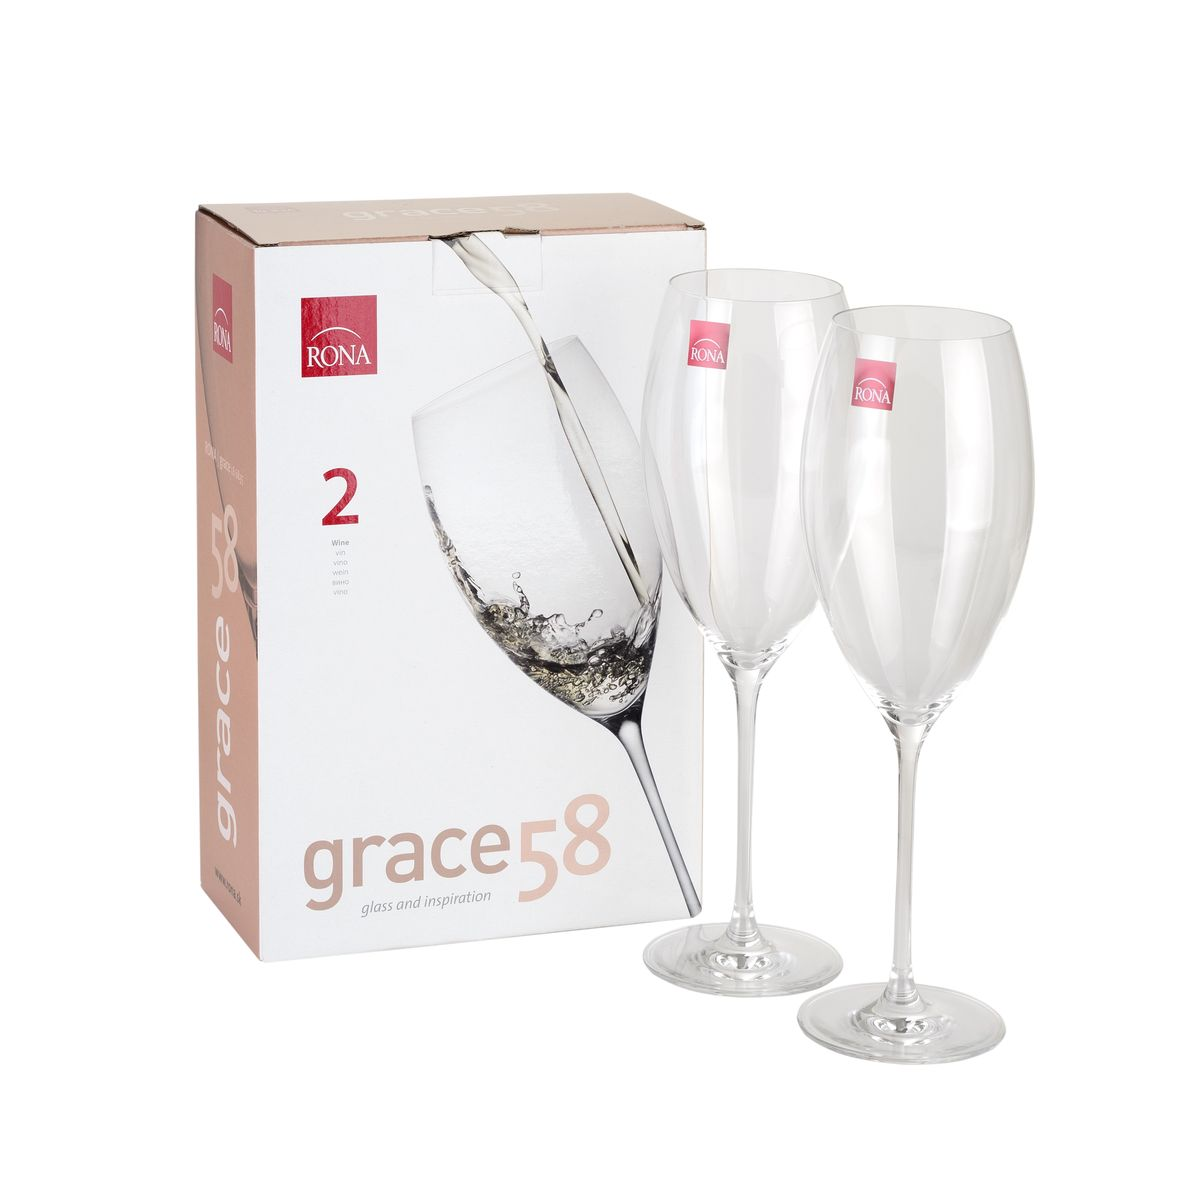 Бокал для вина упаковка 2 шт.Grace 580 мл. 6835/0/5806835/0/580Бокал для вина упаковка 2 шт. GRACE 580 мл.6835/0/580